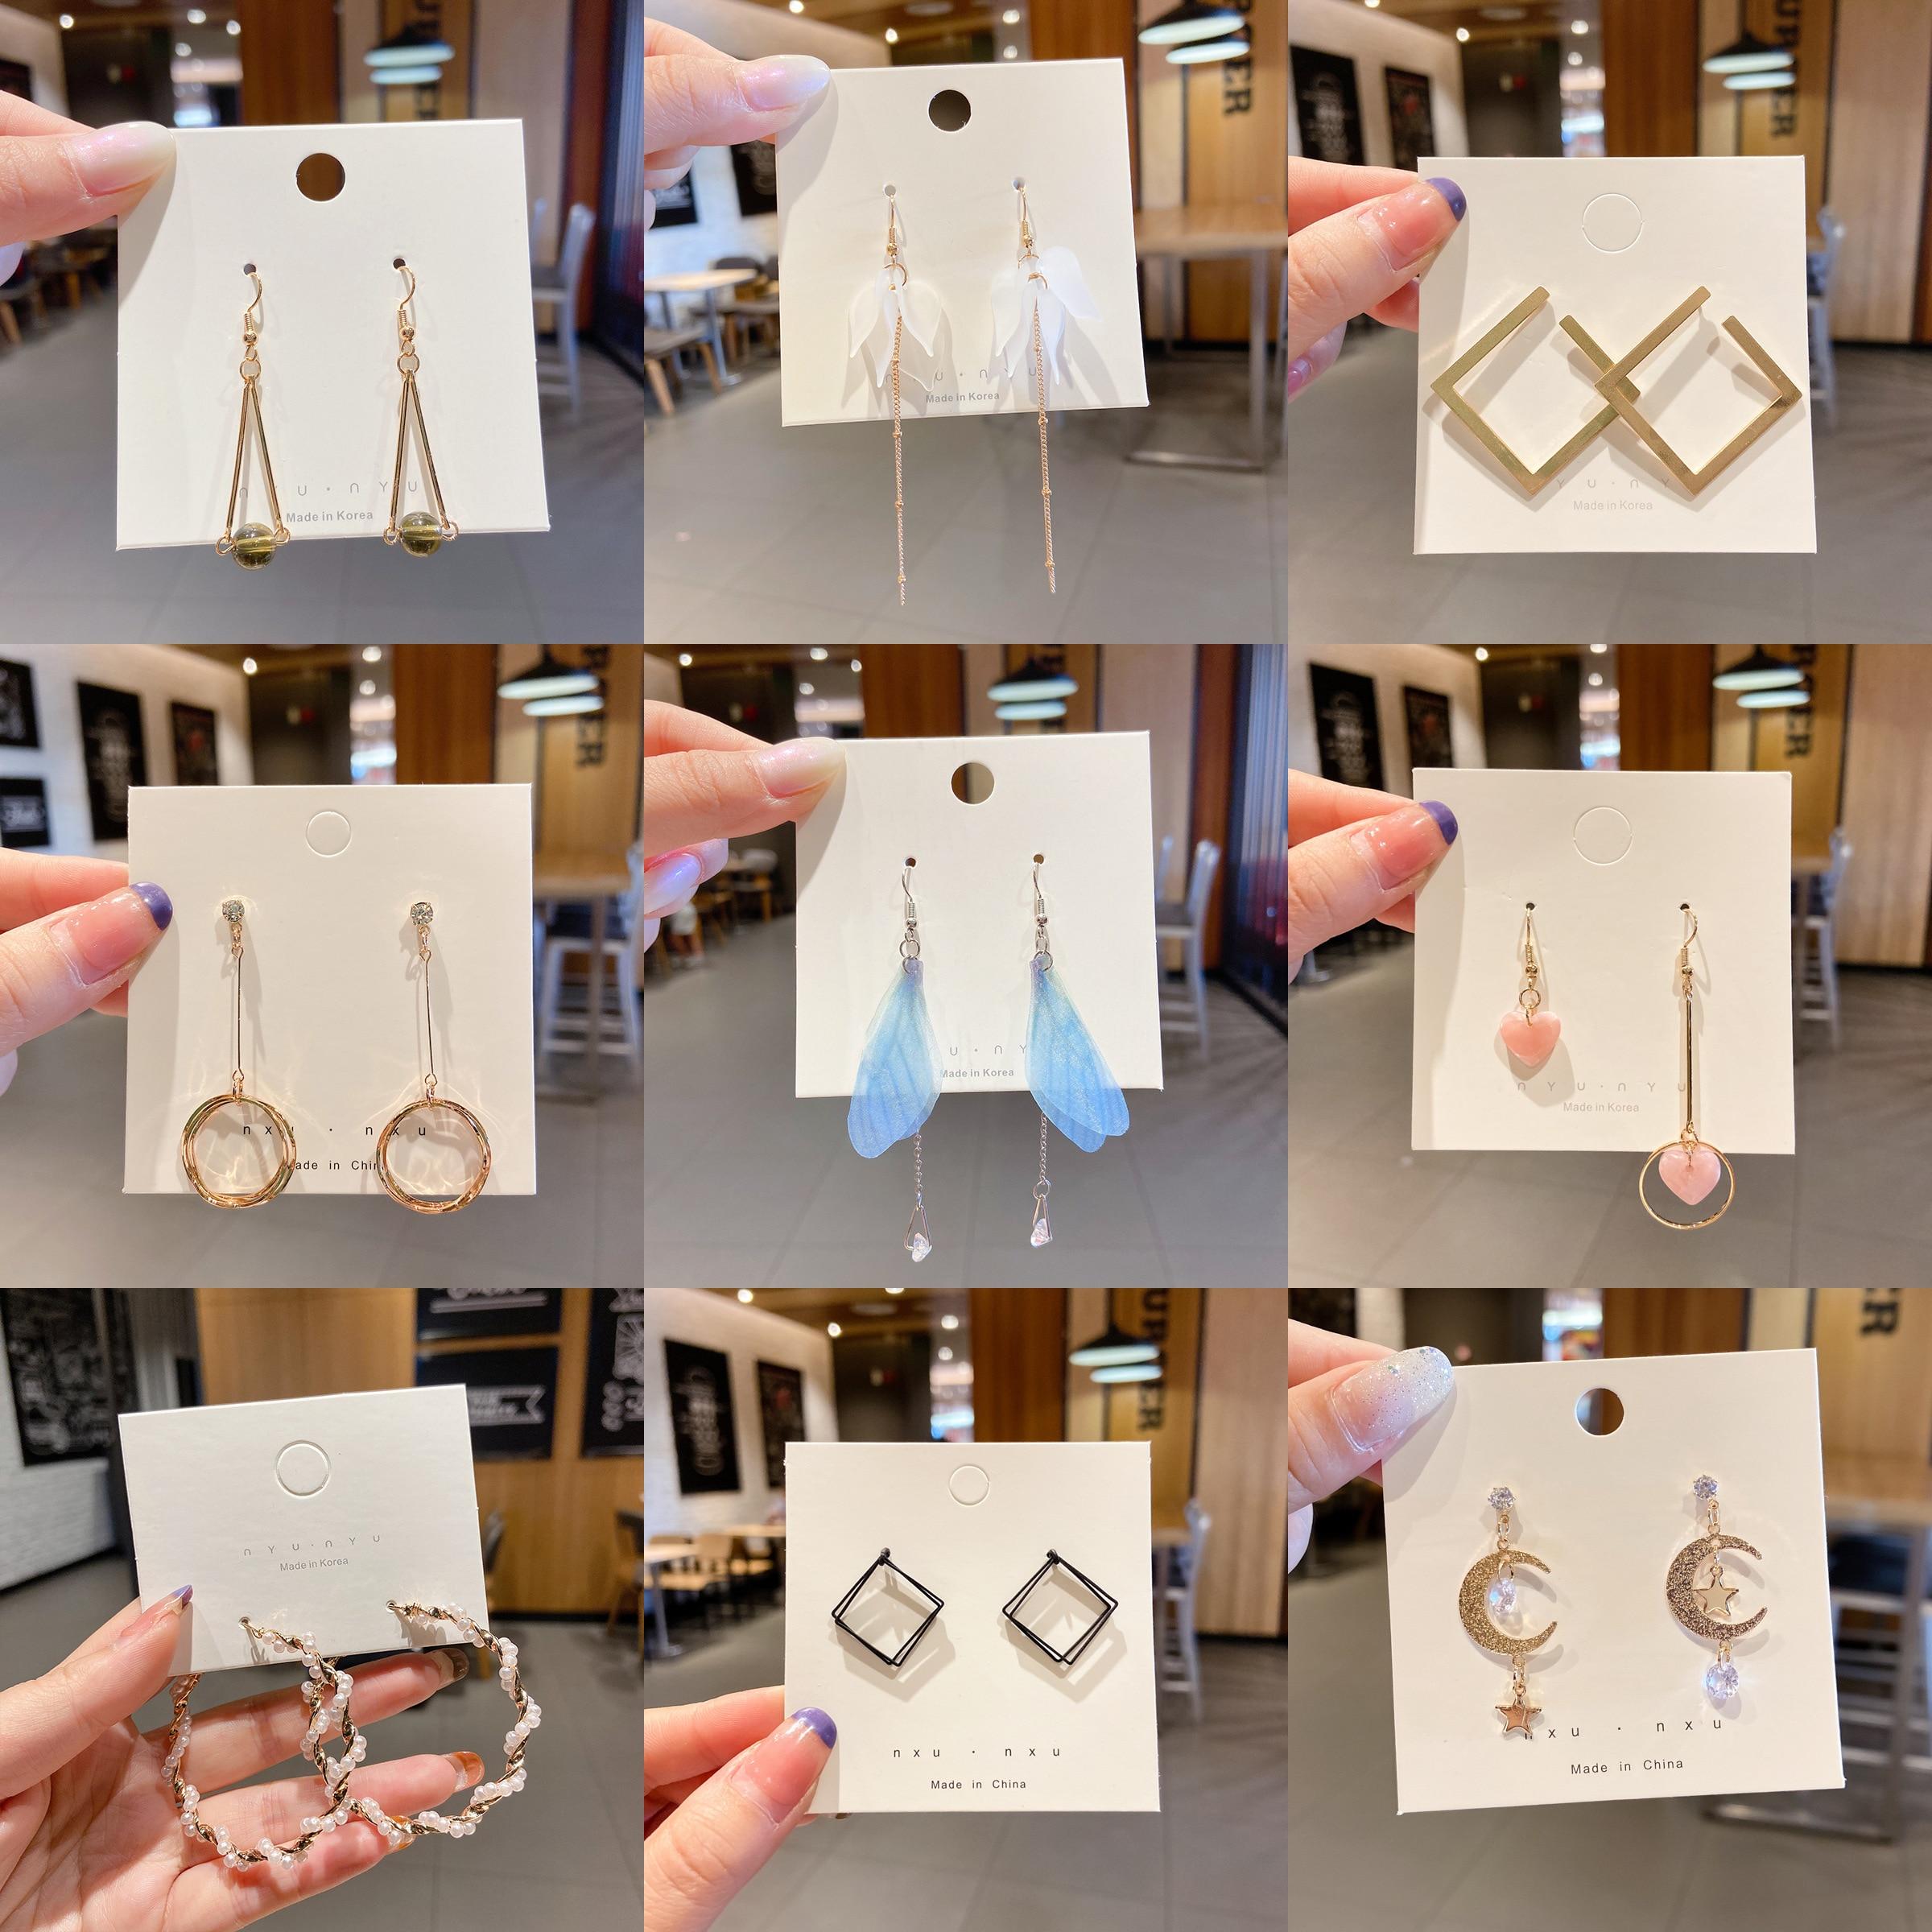 Jolorym novo coreano acrílico do vintage geométrico na moda bonito moda balançar brincos de gota para a mulher menina festa de casamento jóias